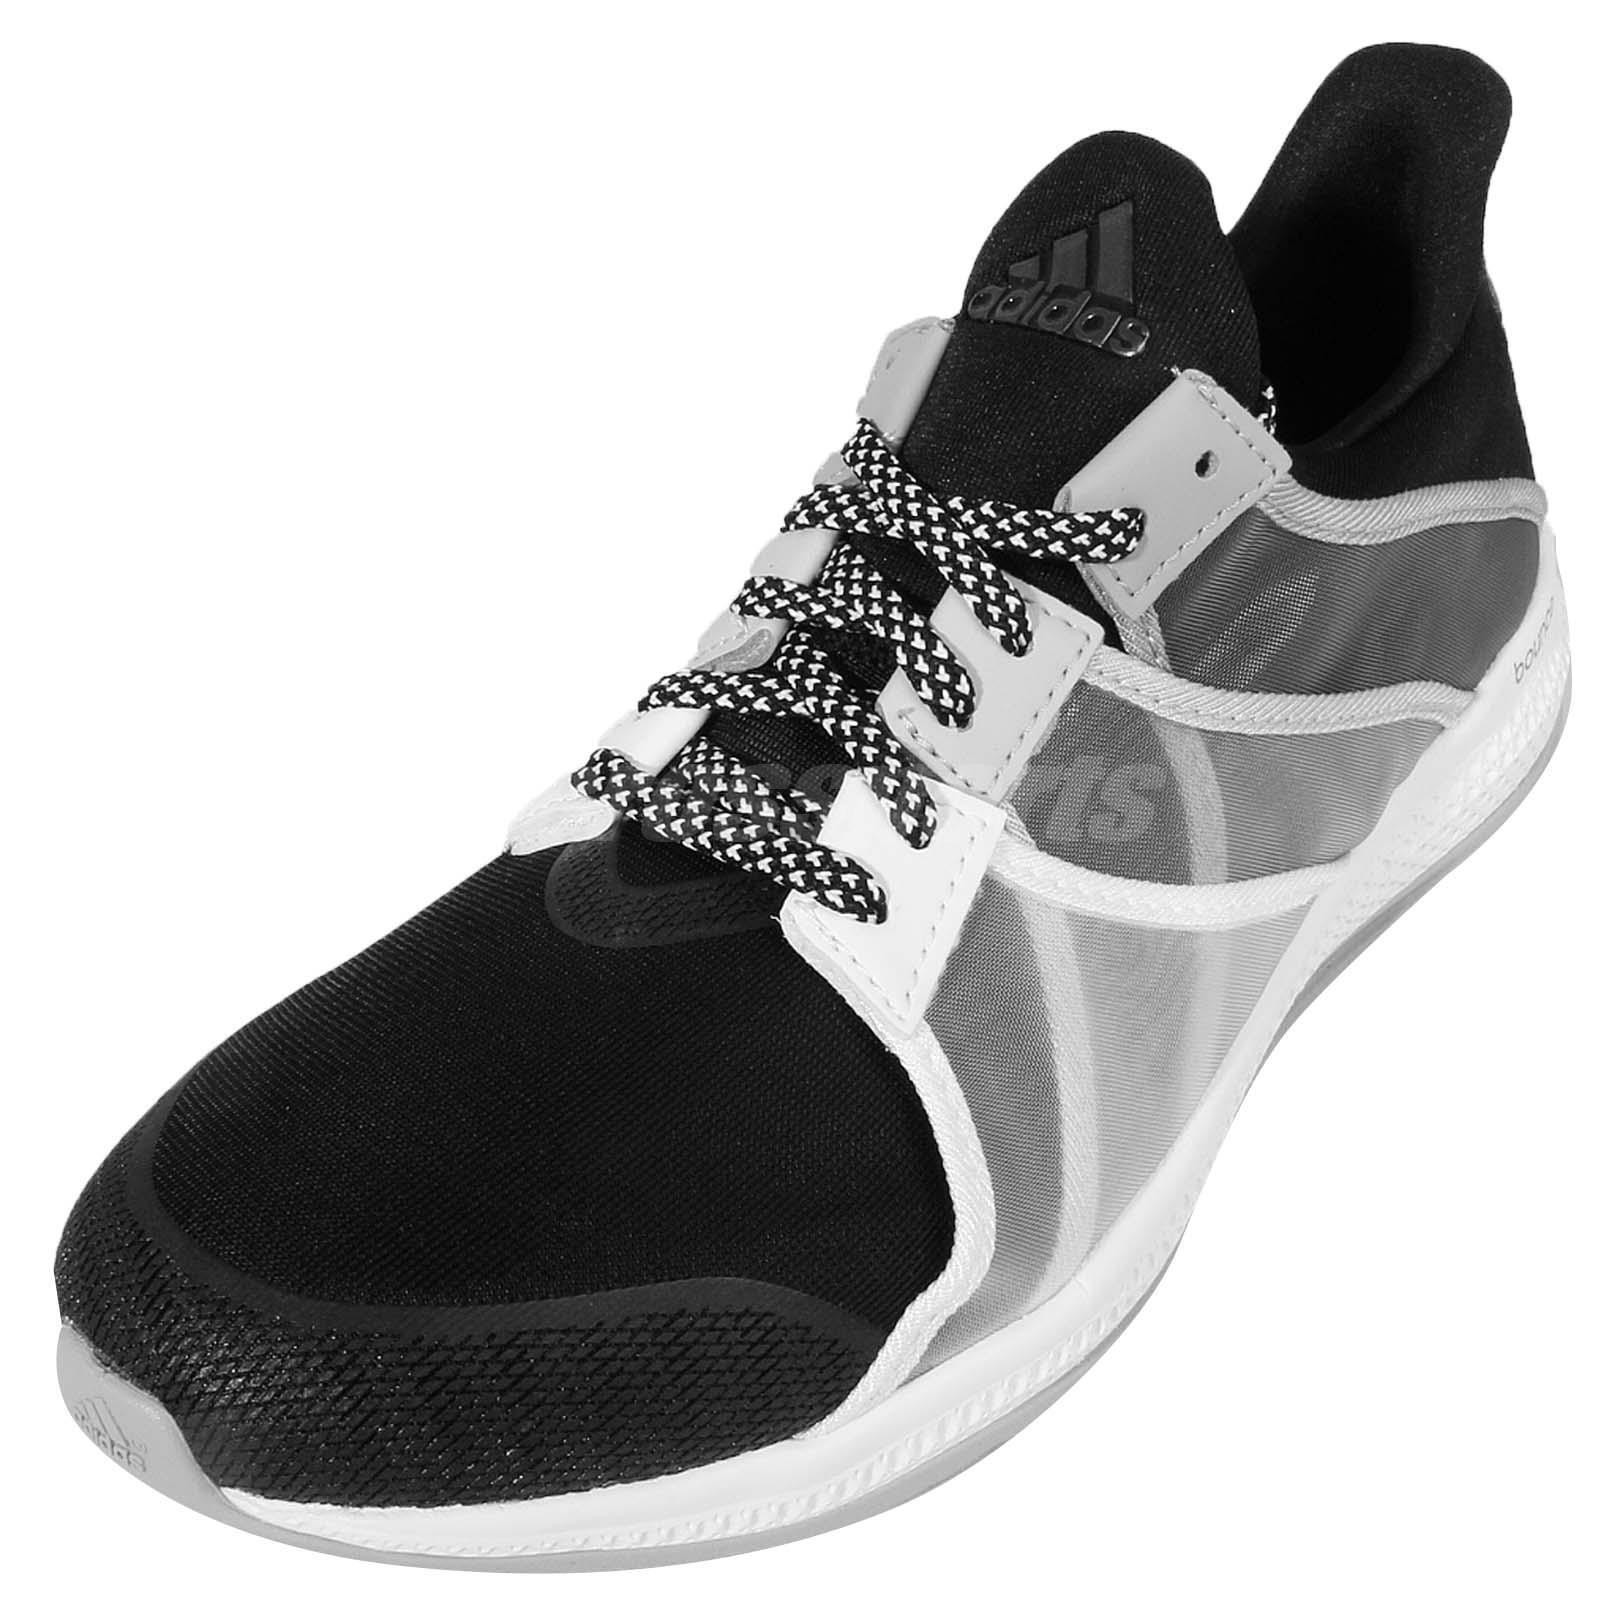 Nuevas Adidas Bounce Negro Zapatos Cruzado Para Mujer Entrenamiento Cruzado Zapatos entrenador AF5945 5ae9d3